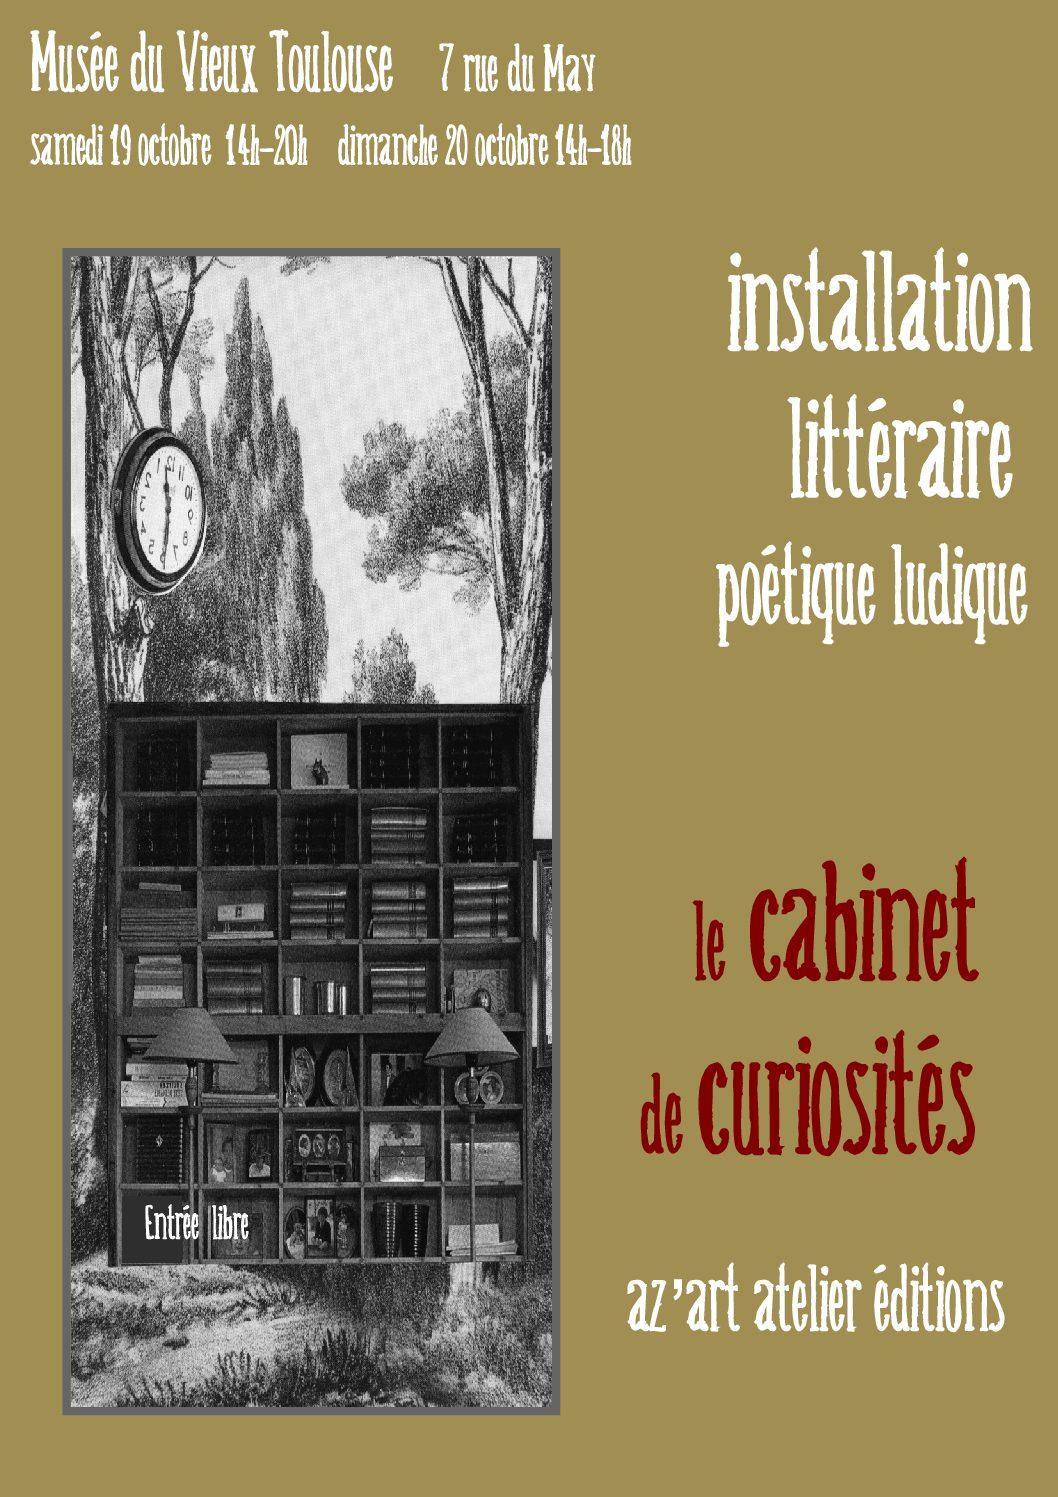 Le Cabinet des curiosités de az'art atelier éditions (19 et 20 octobre 2019, Musée du Vieux Toulouse)